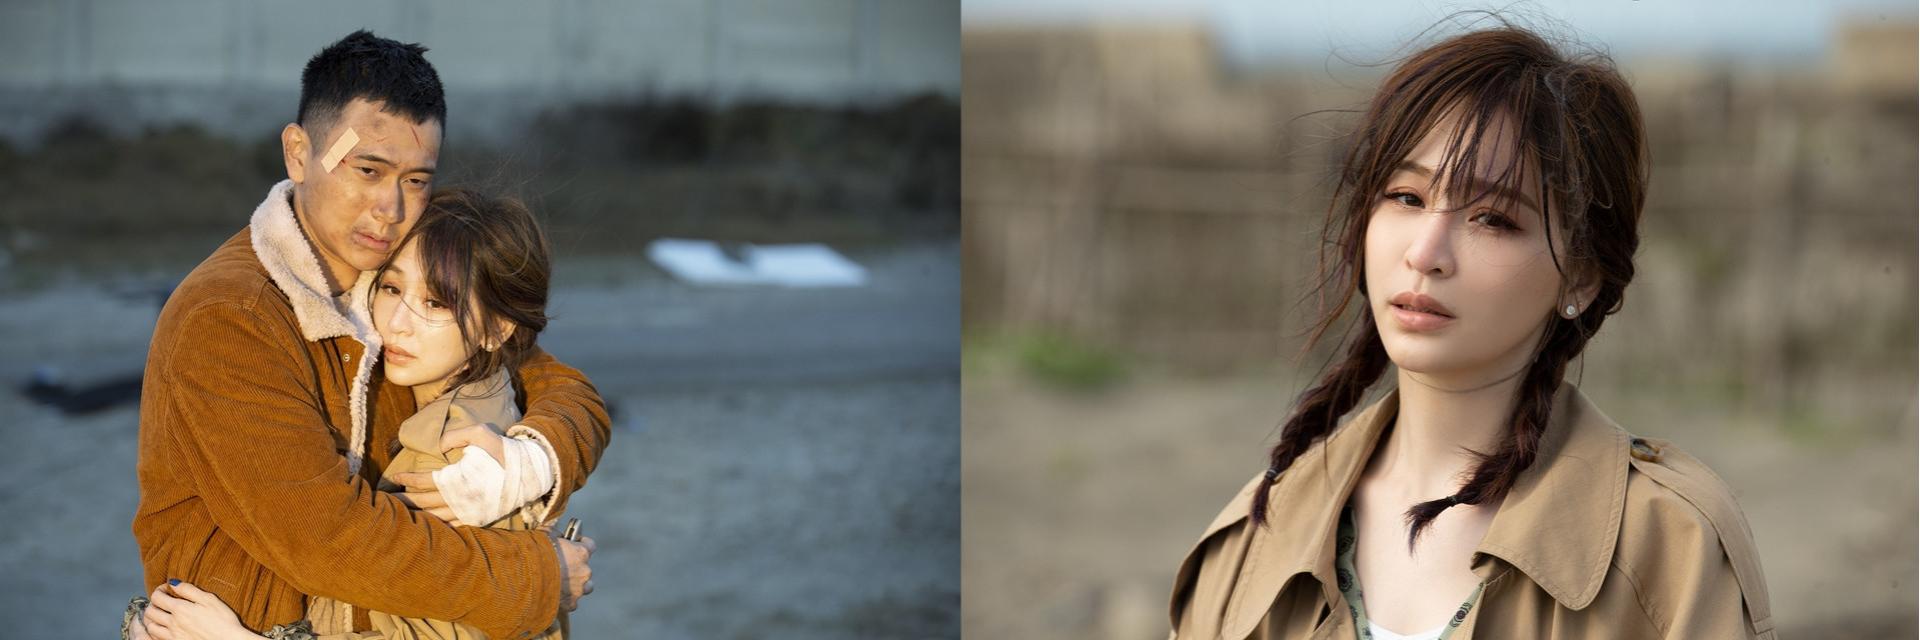 王心凌從「傻白甜」黑化成綁架犯的亡命之徒 ?《大眠》MV 哭得慘烈連抽蓄都虐心,逼哭網友!